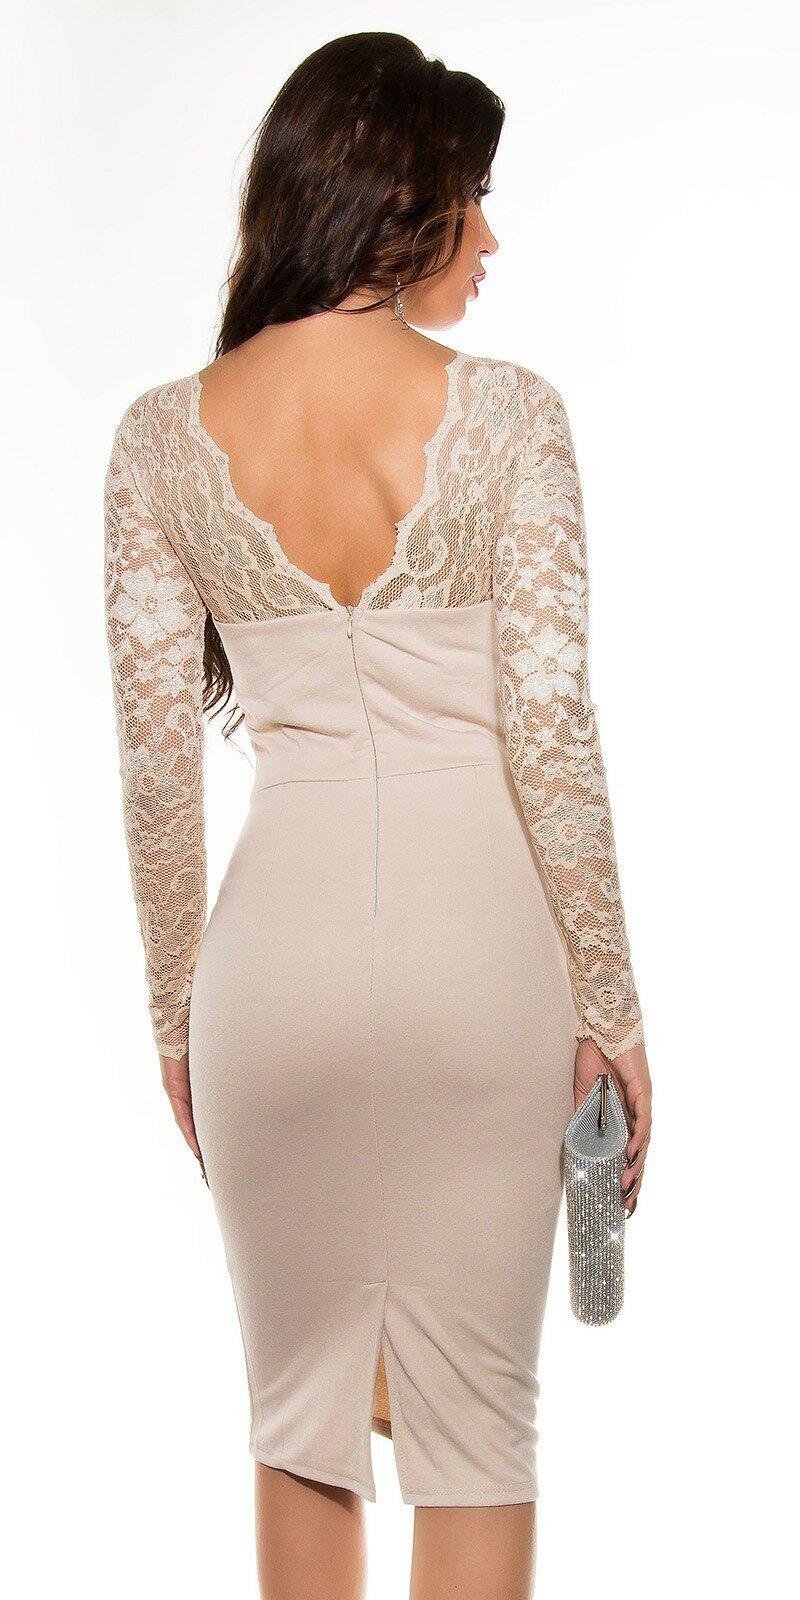 ad25fc8f68db Dámske štýlové šaty s čipkou  Veľkosť 8 (XS) Farba Béžová